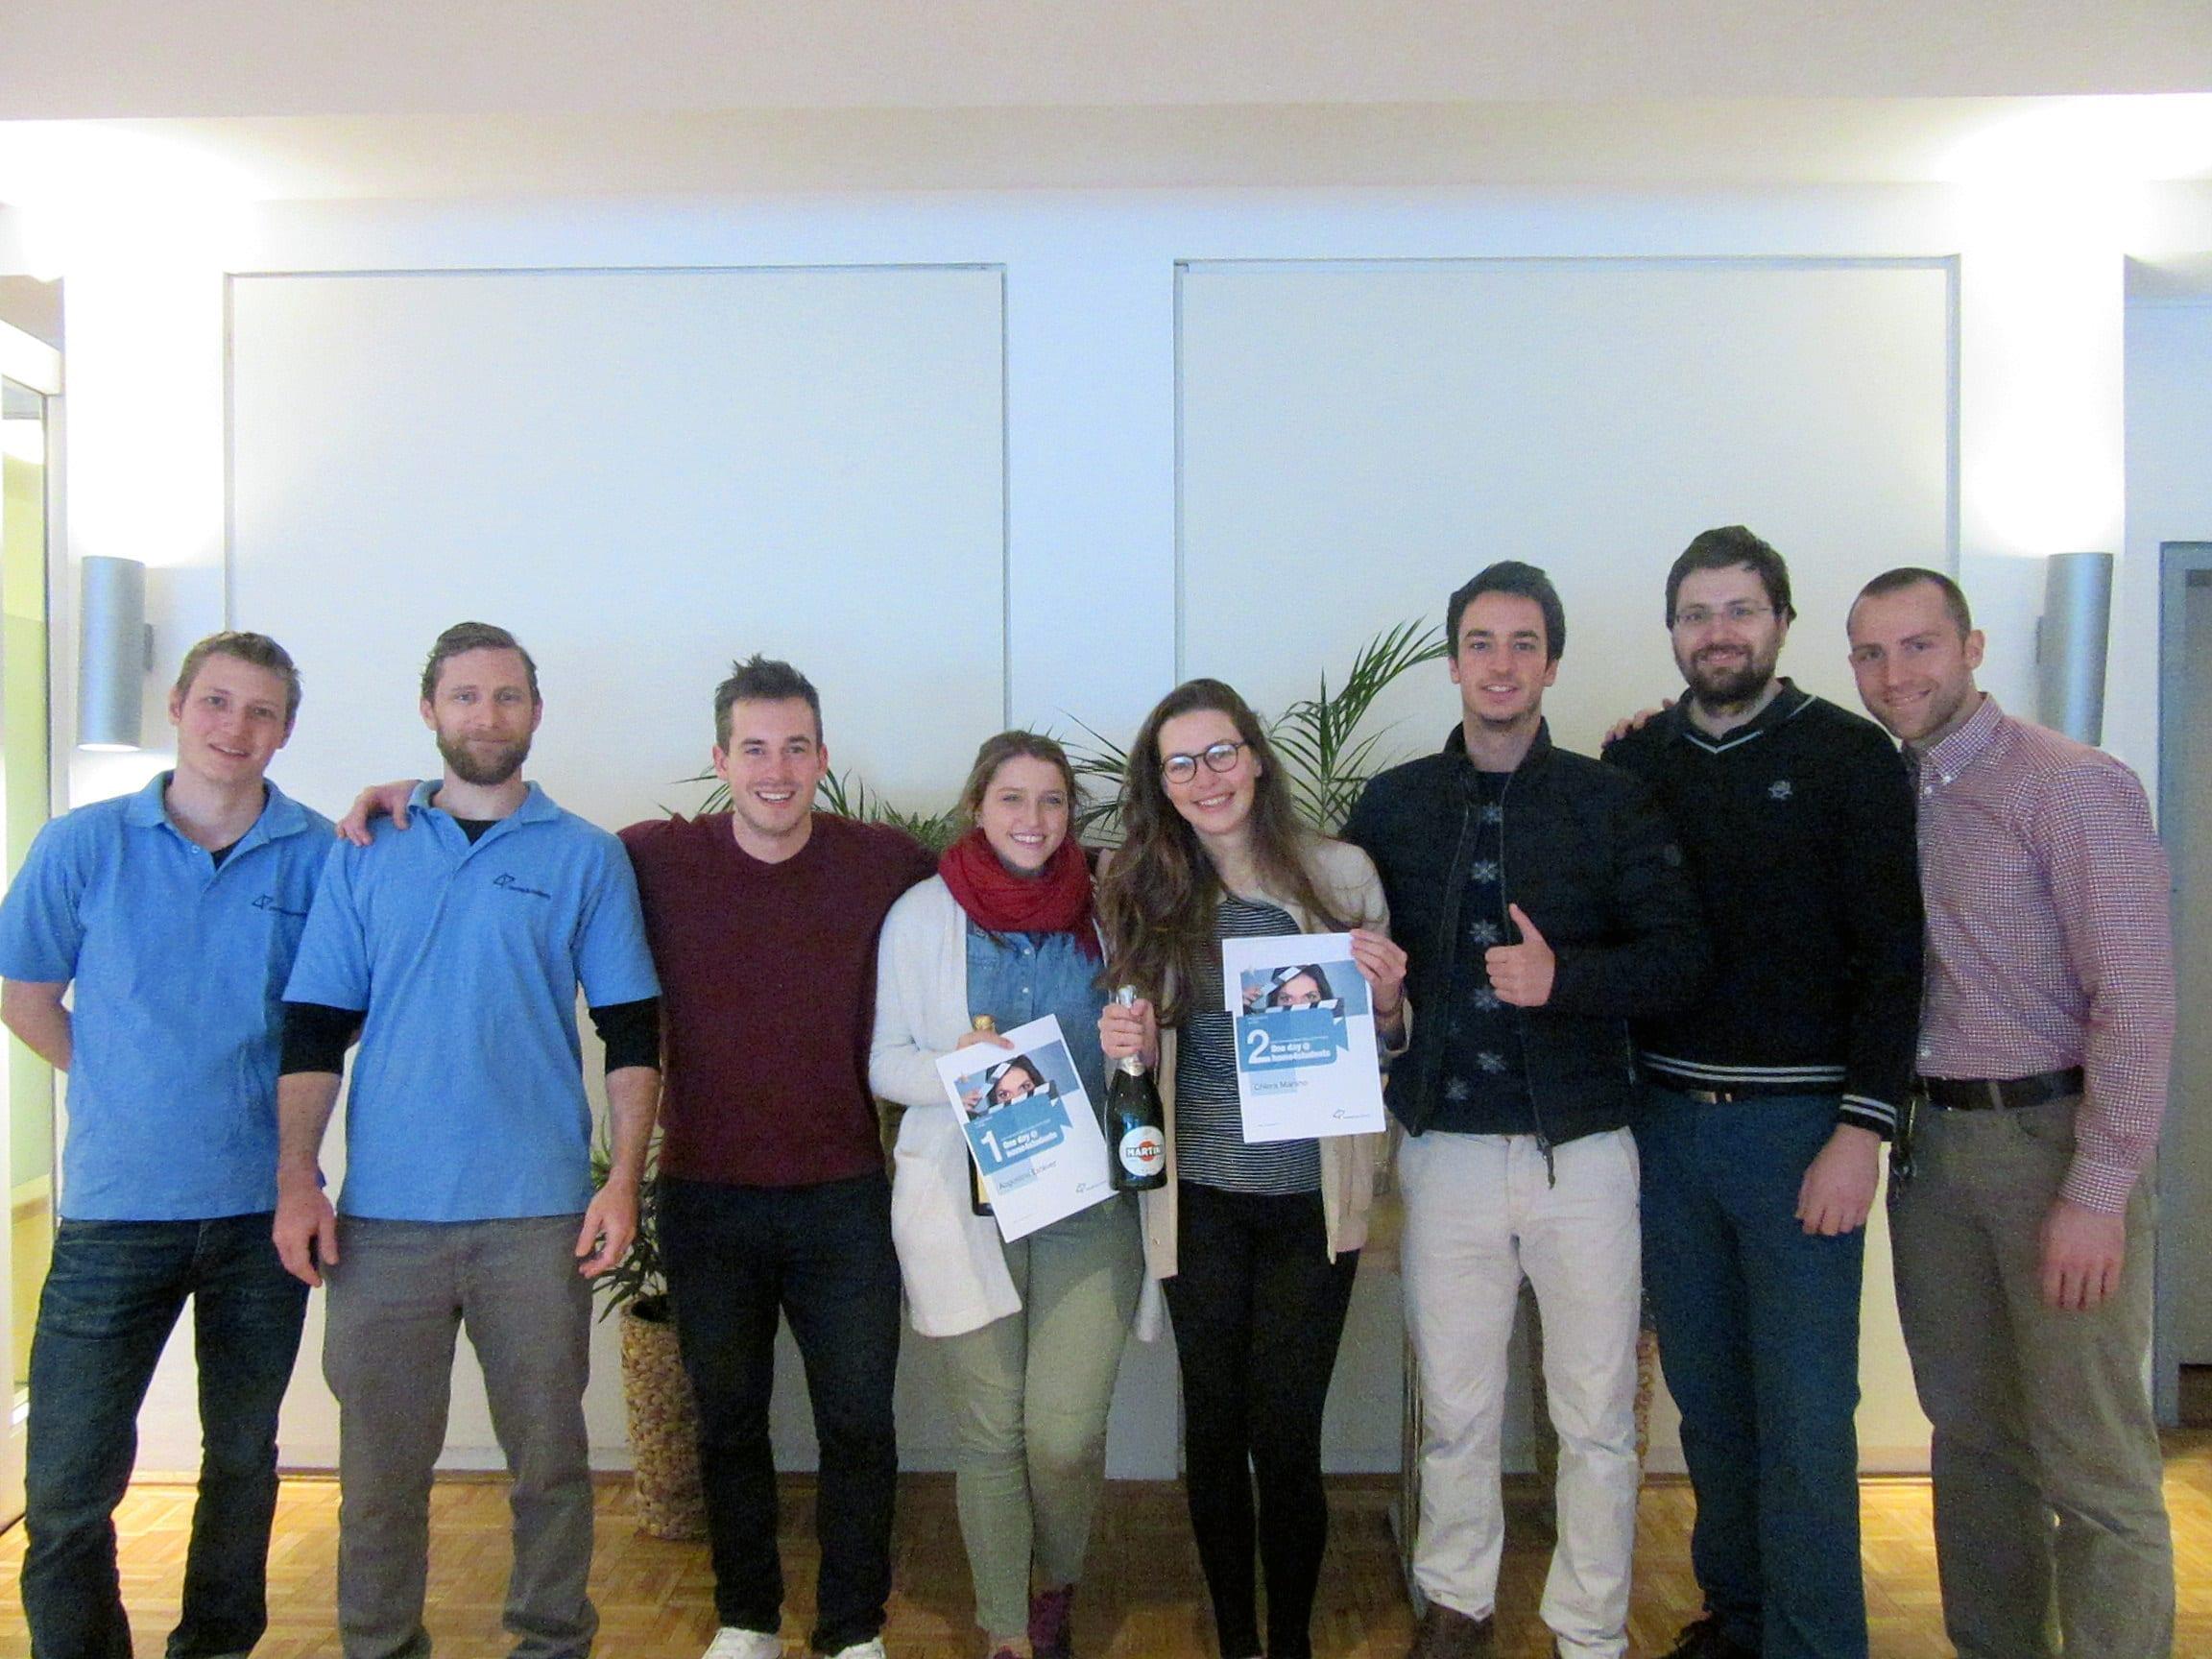 Gewinnerin und Mitarbeiter lächeln in die Kamera